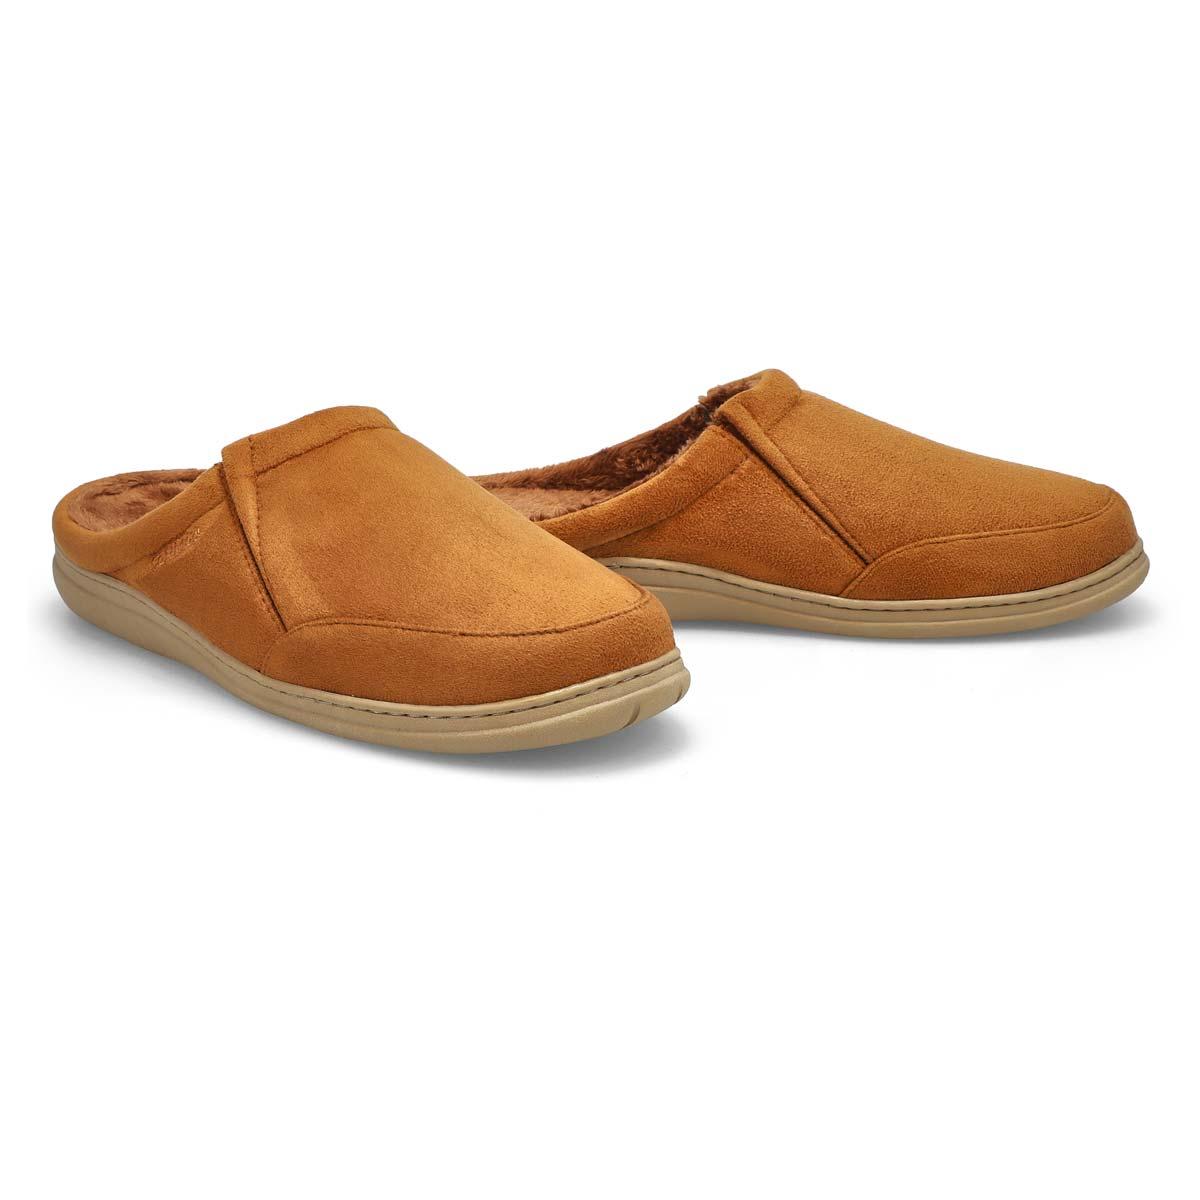 Mns Polar II spice open back slipper